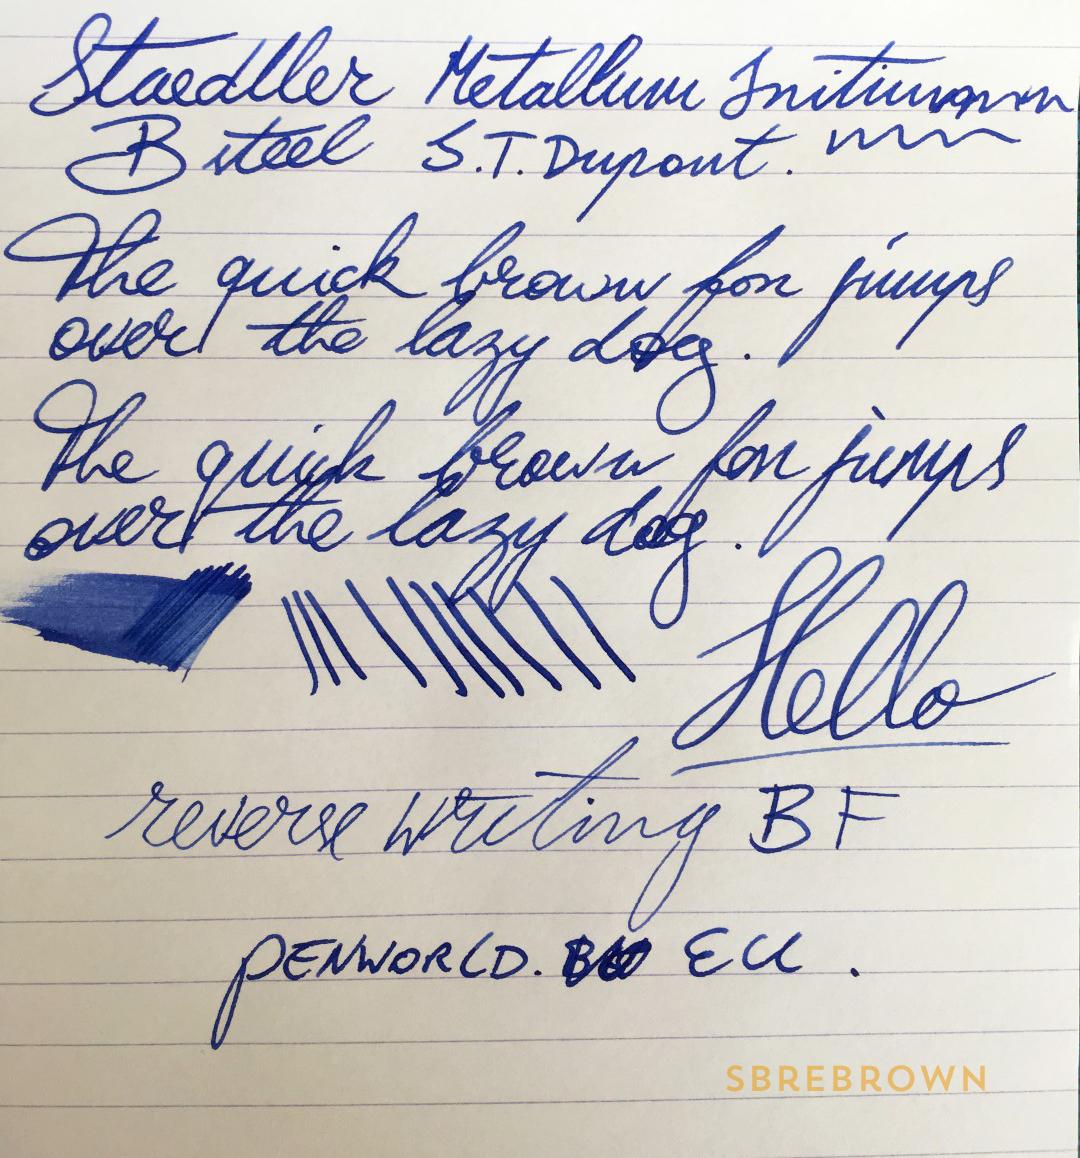 SB. Staedtler Initium Metallum FP Review (6)